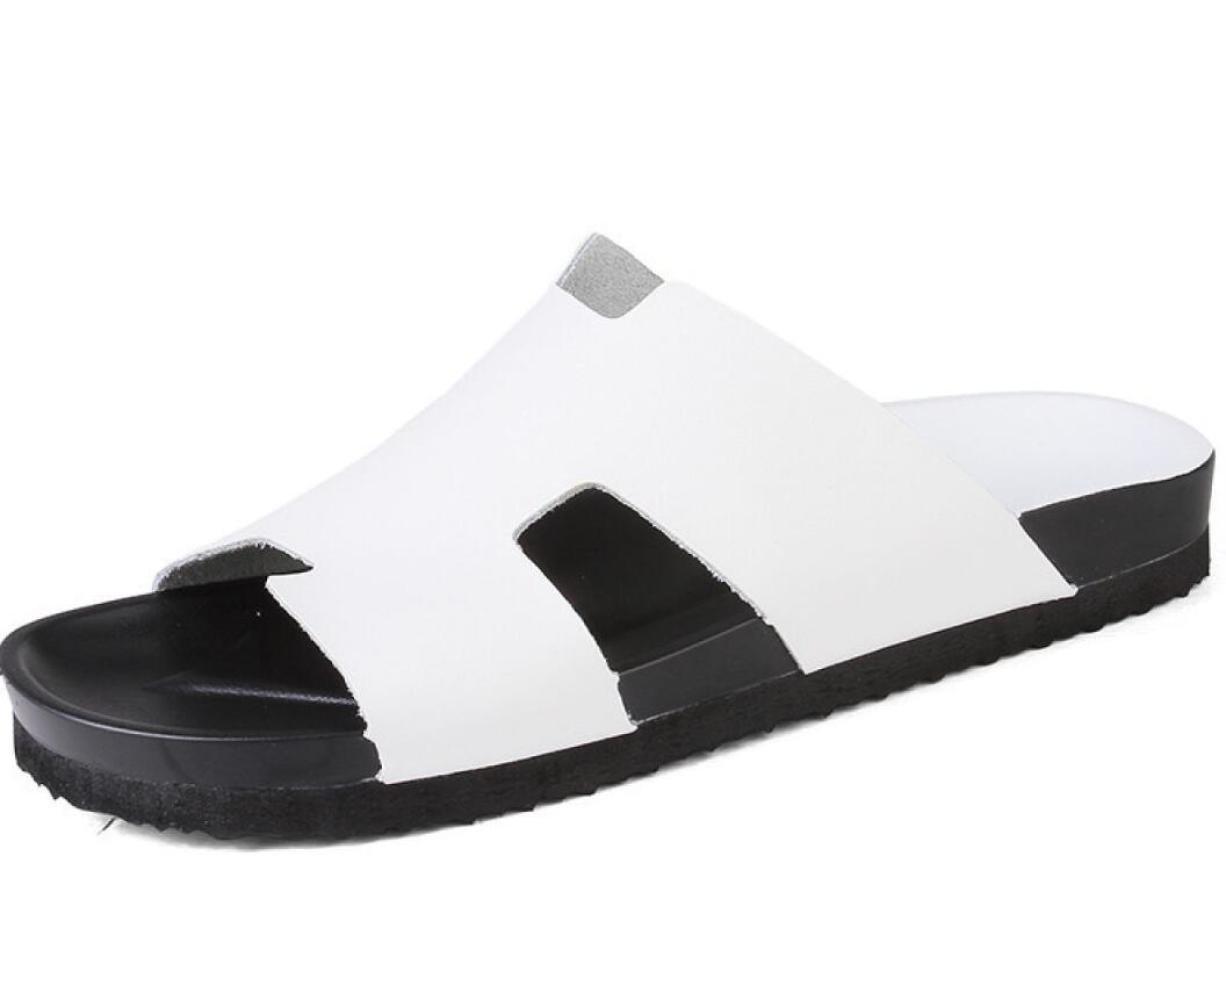 DHFUD Zapatos De Hombre Palabra Zapatillas Sandalias De Verano Sandalias Sandalias Zapatos De Playa 42 EU|White